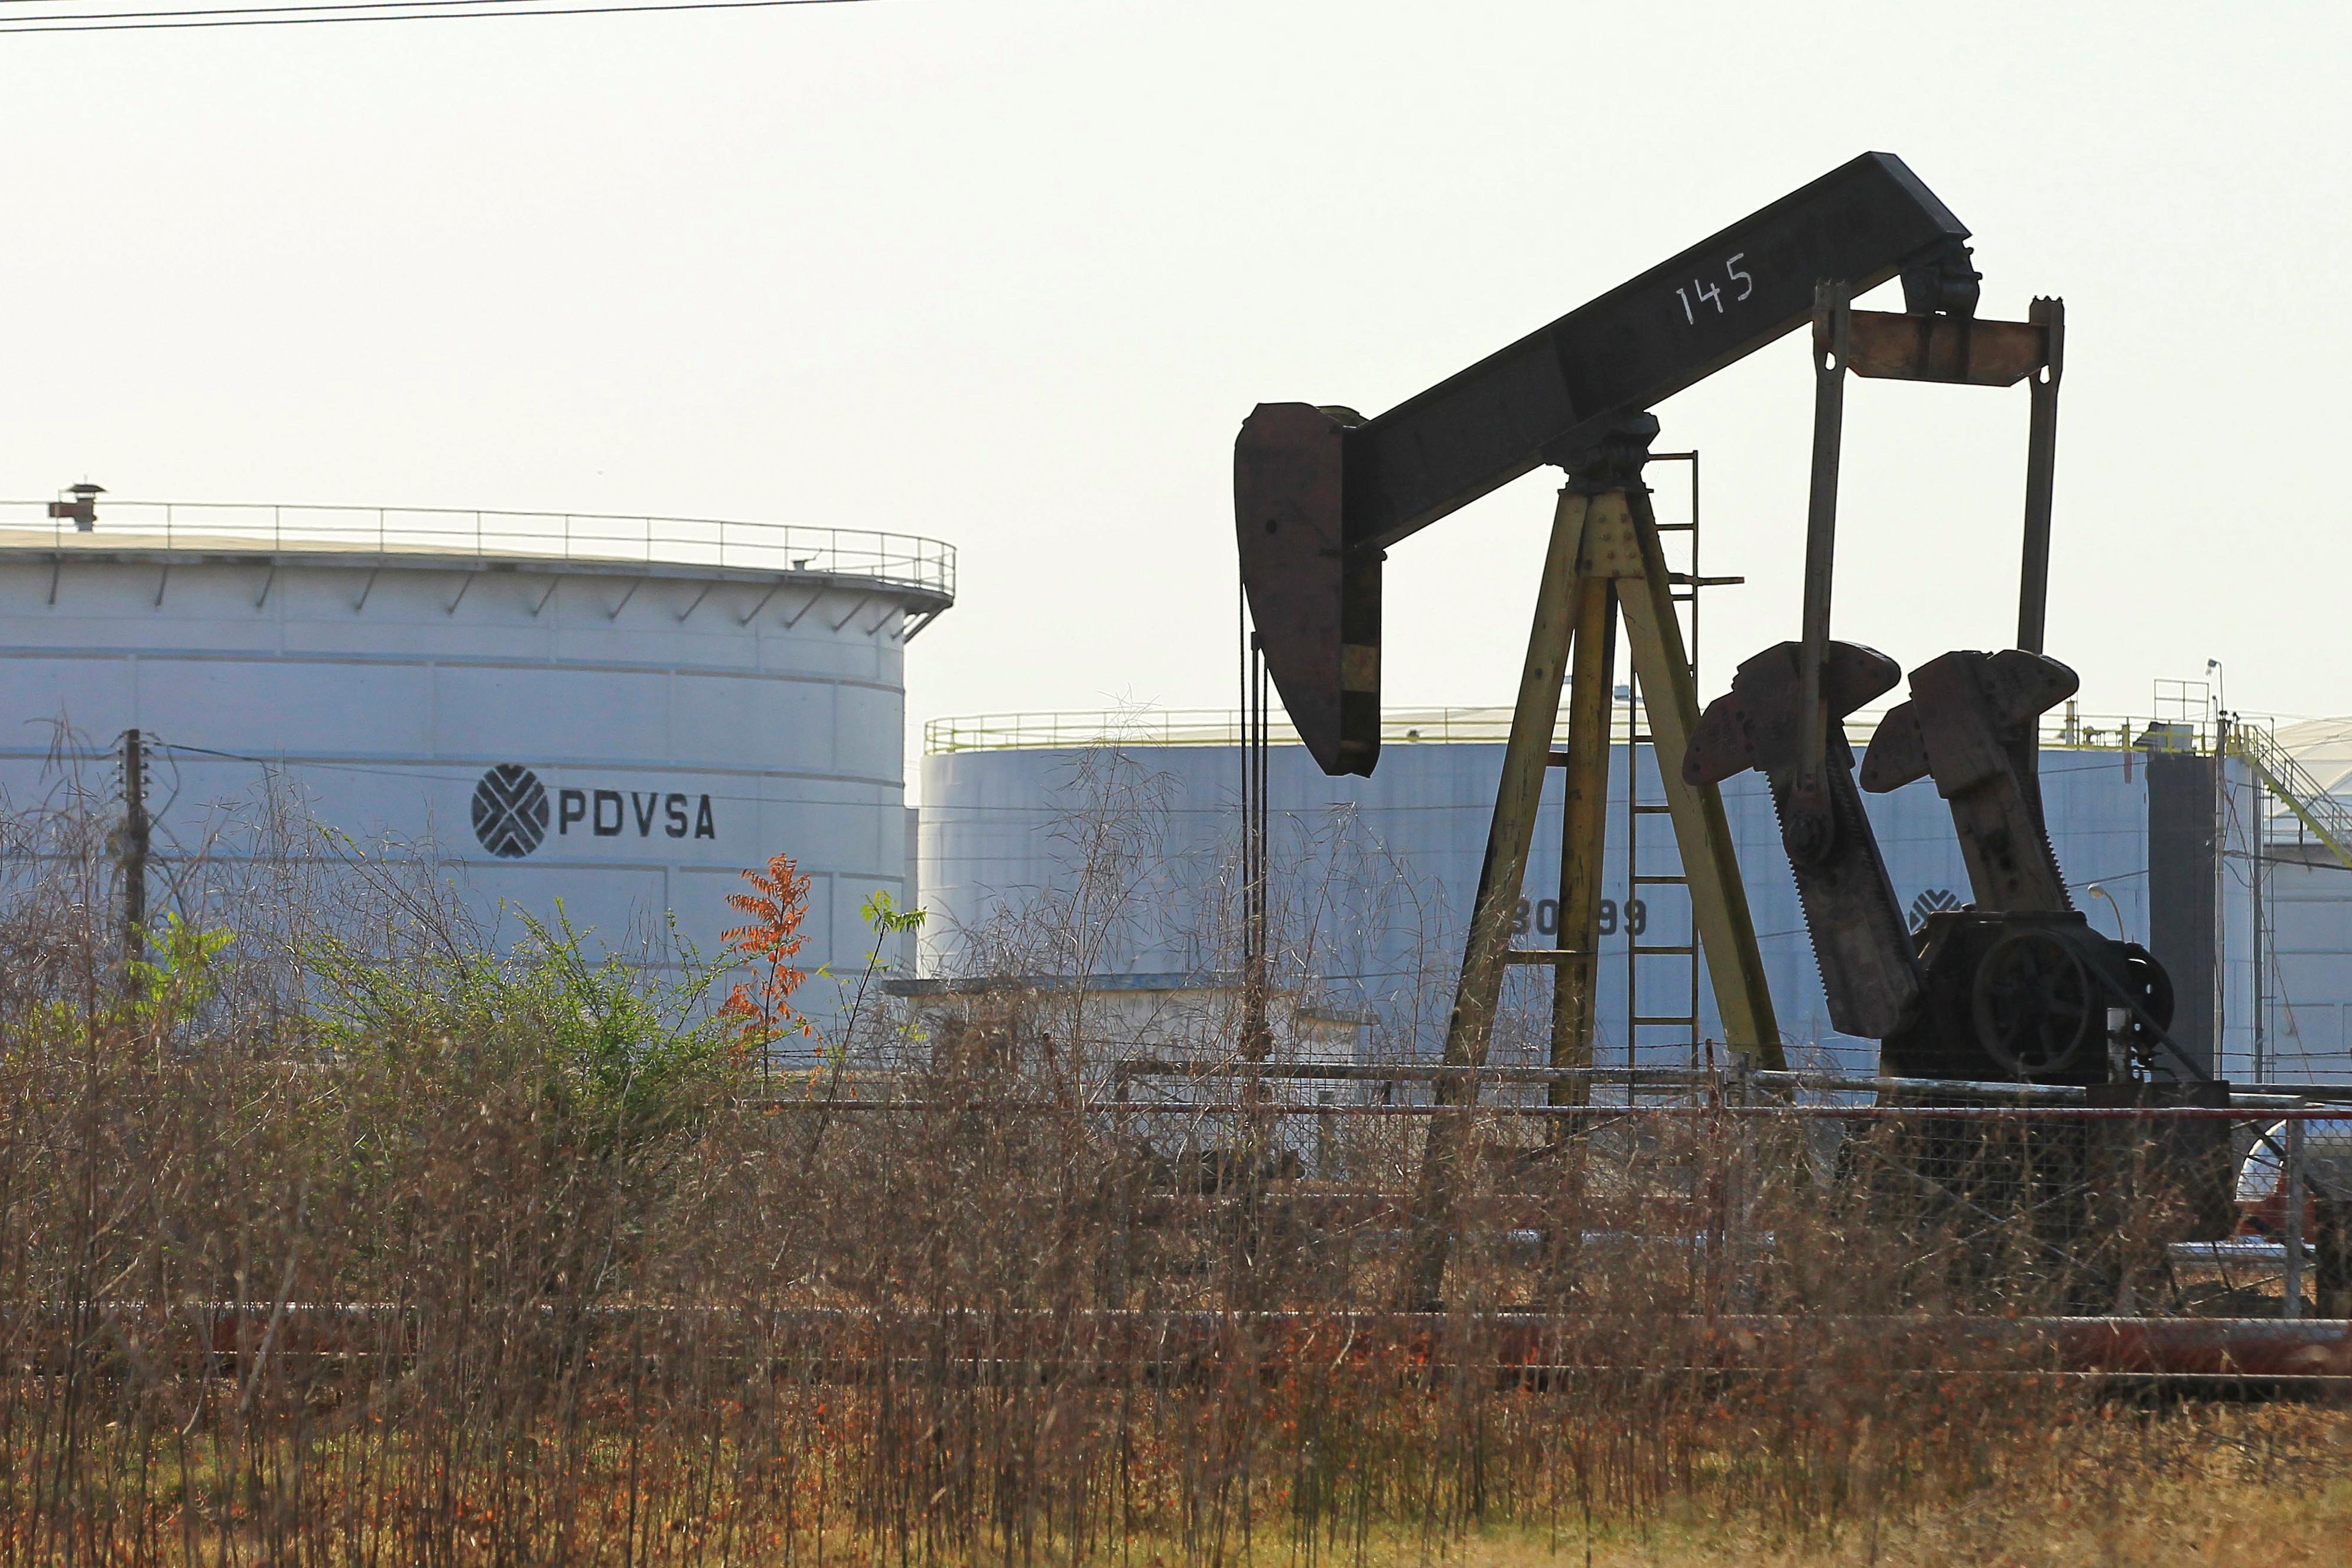 ALnavío: Petróleos de Venezuela se desmorona y las repercusiones son globales